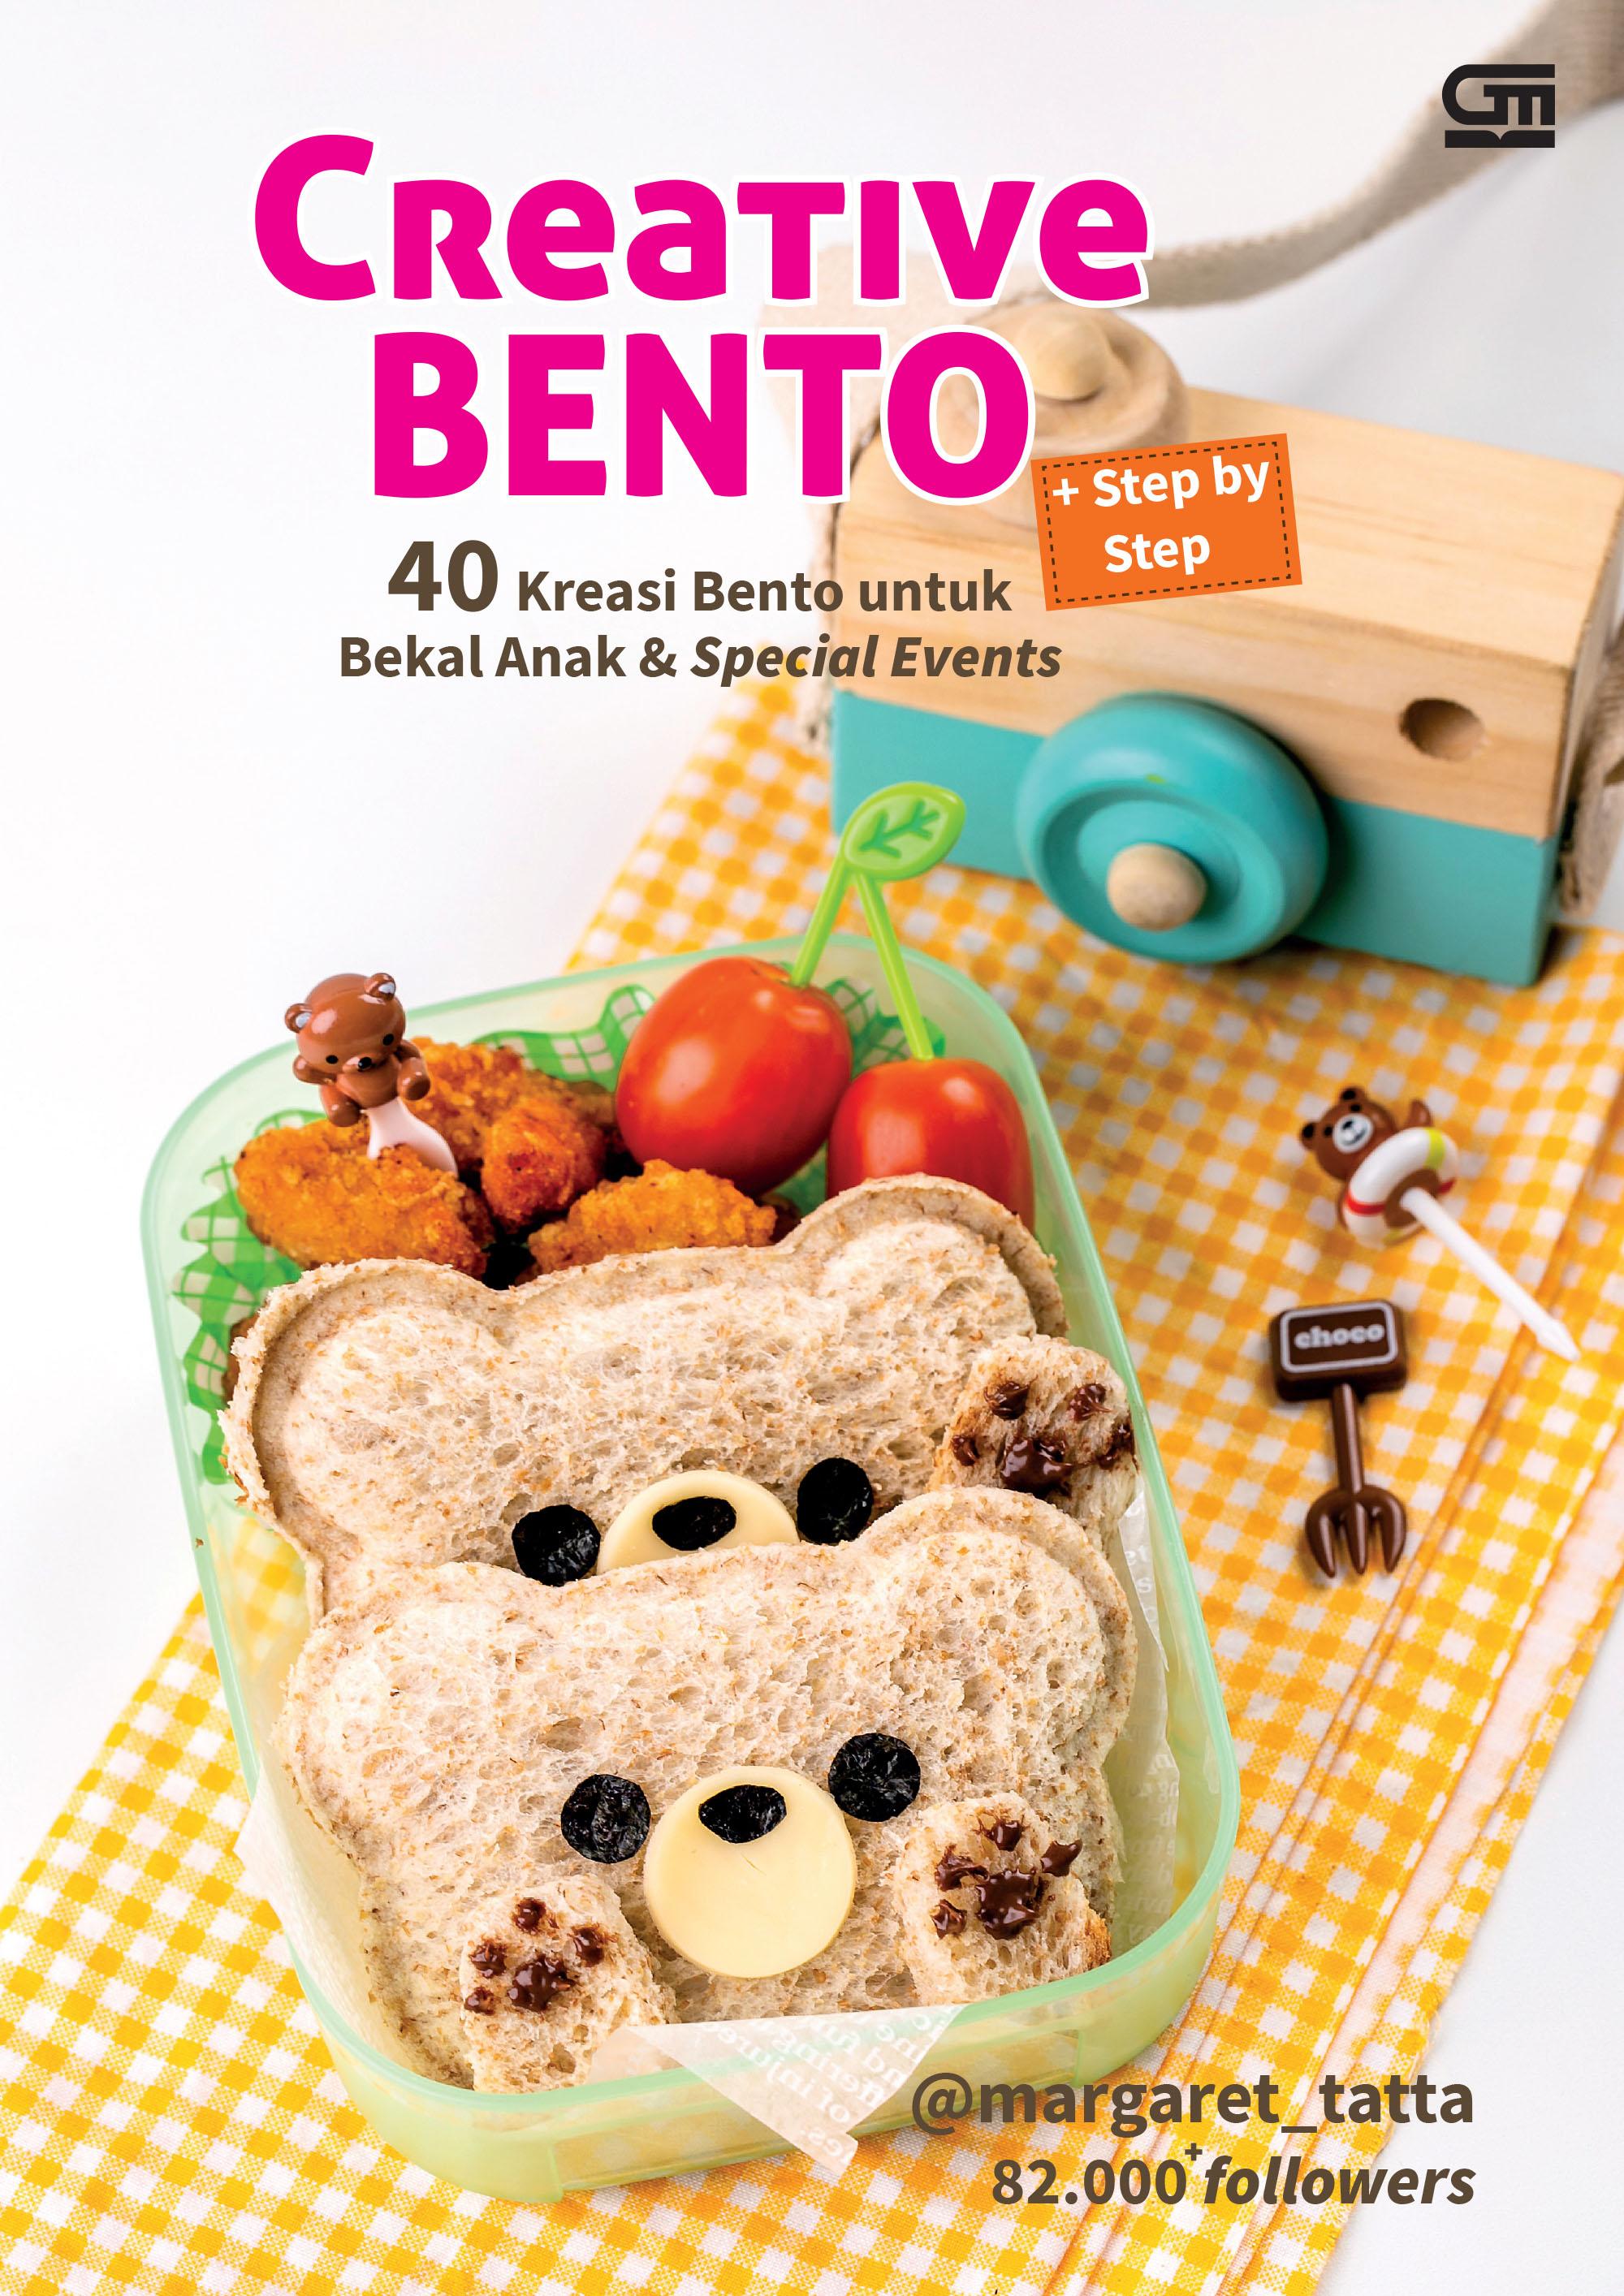 Creative Bento Hits di Instagram: 40 Kreasi Benti untuk Bekal Anak